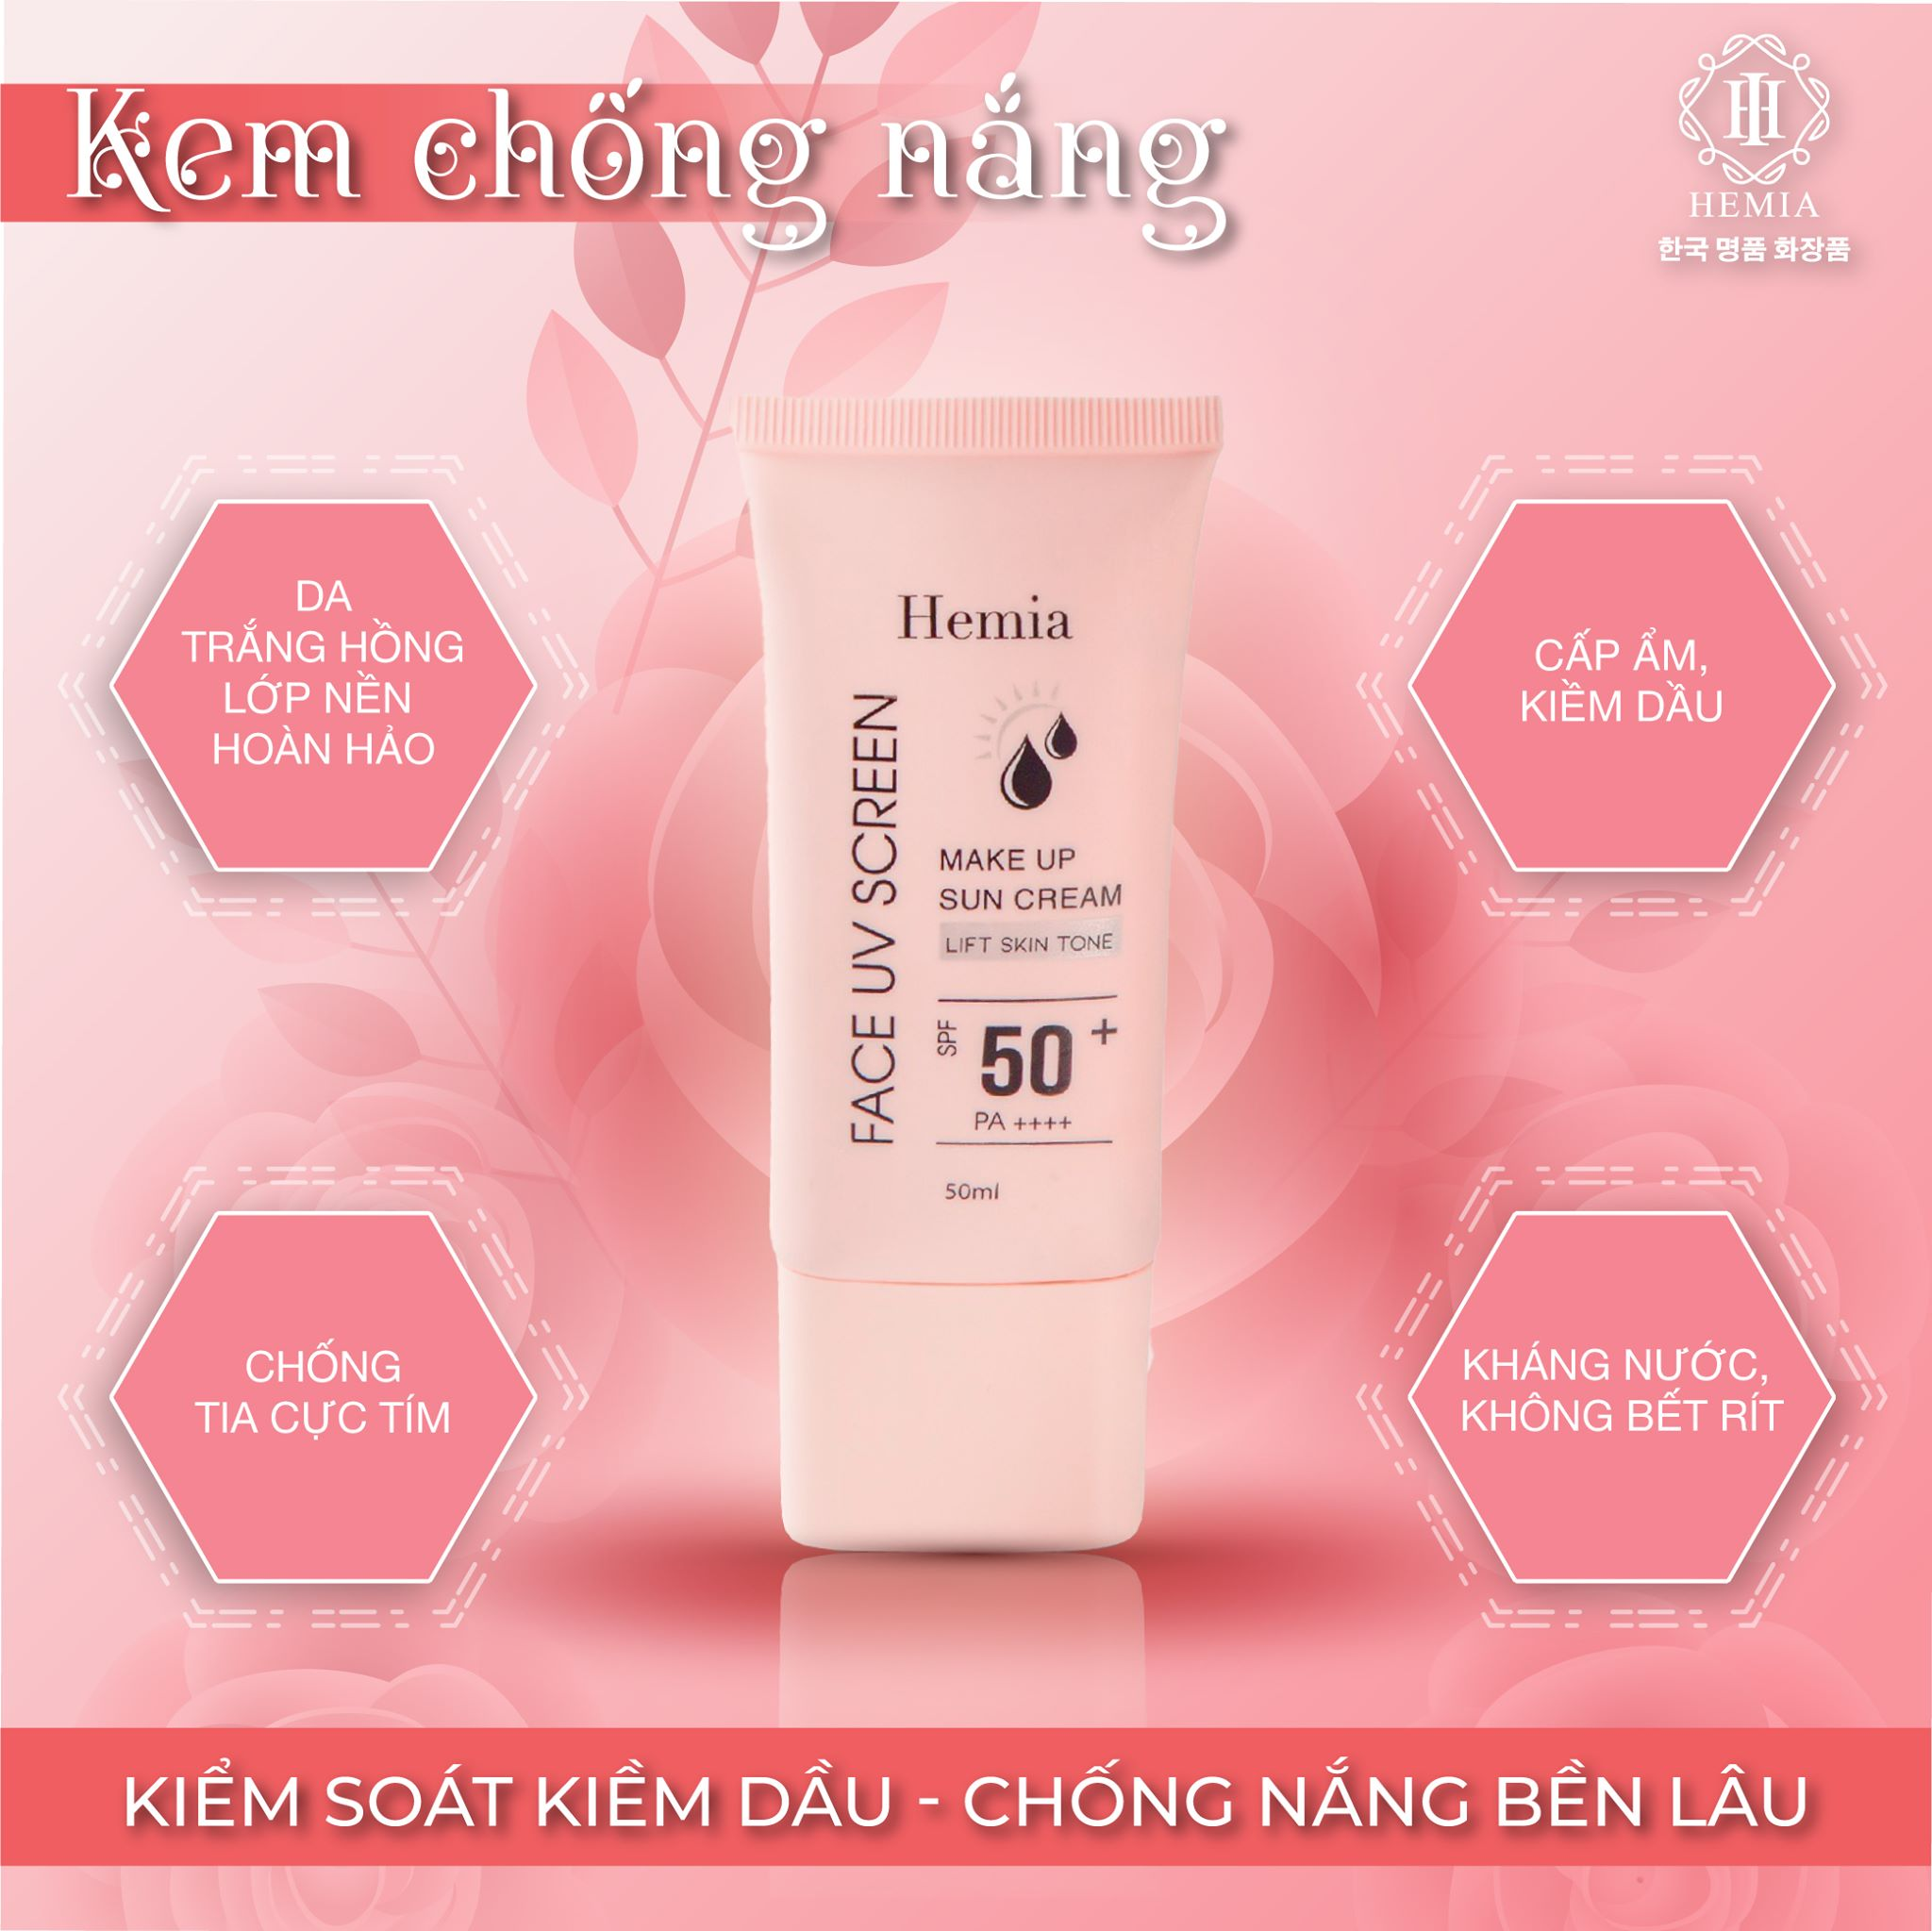 [Combo 2 Hộp] Kem Chống Nắng Dưỡng Trắng Chống Lão Hoá & Kiềm Dầu Kiêm Make Up Nâng Tone Cho Da Hemia Hàn Quốc